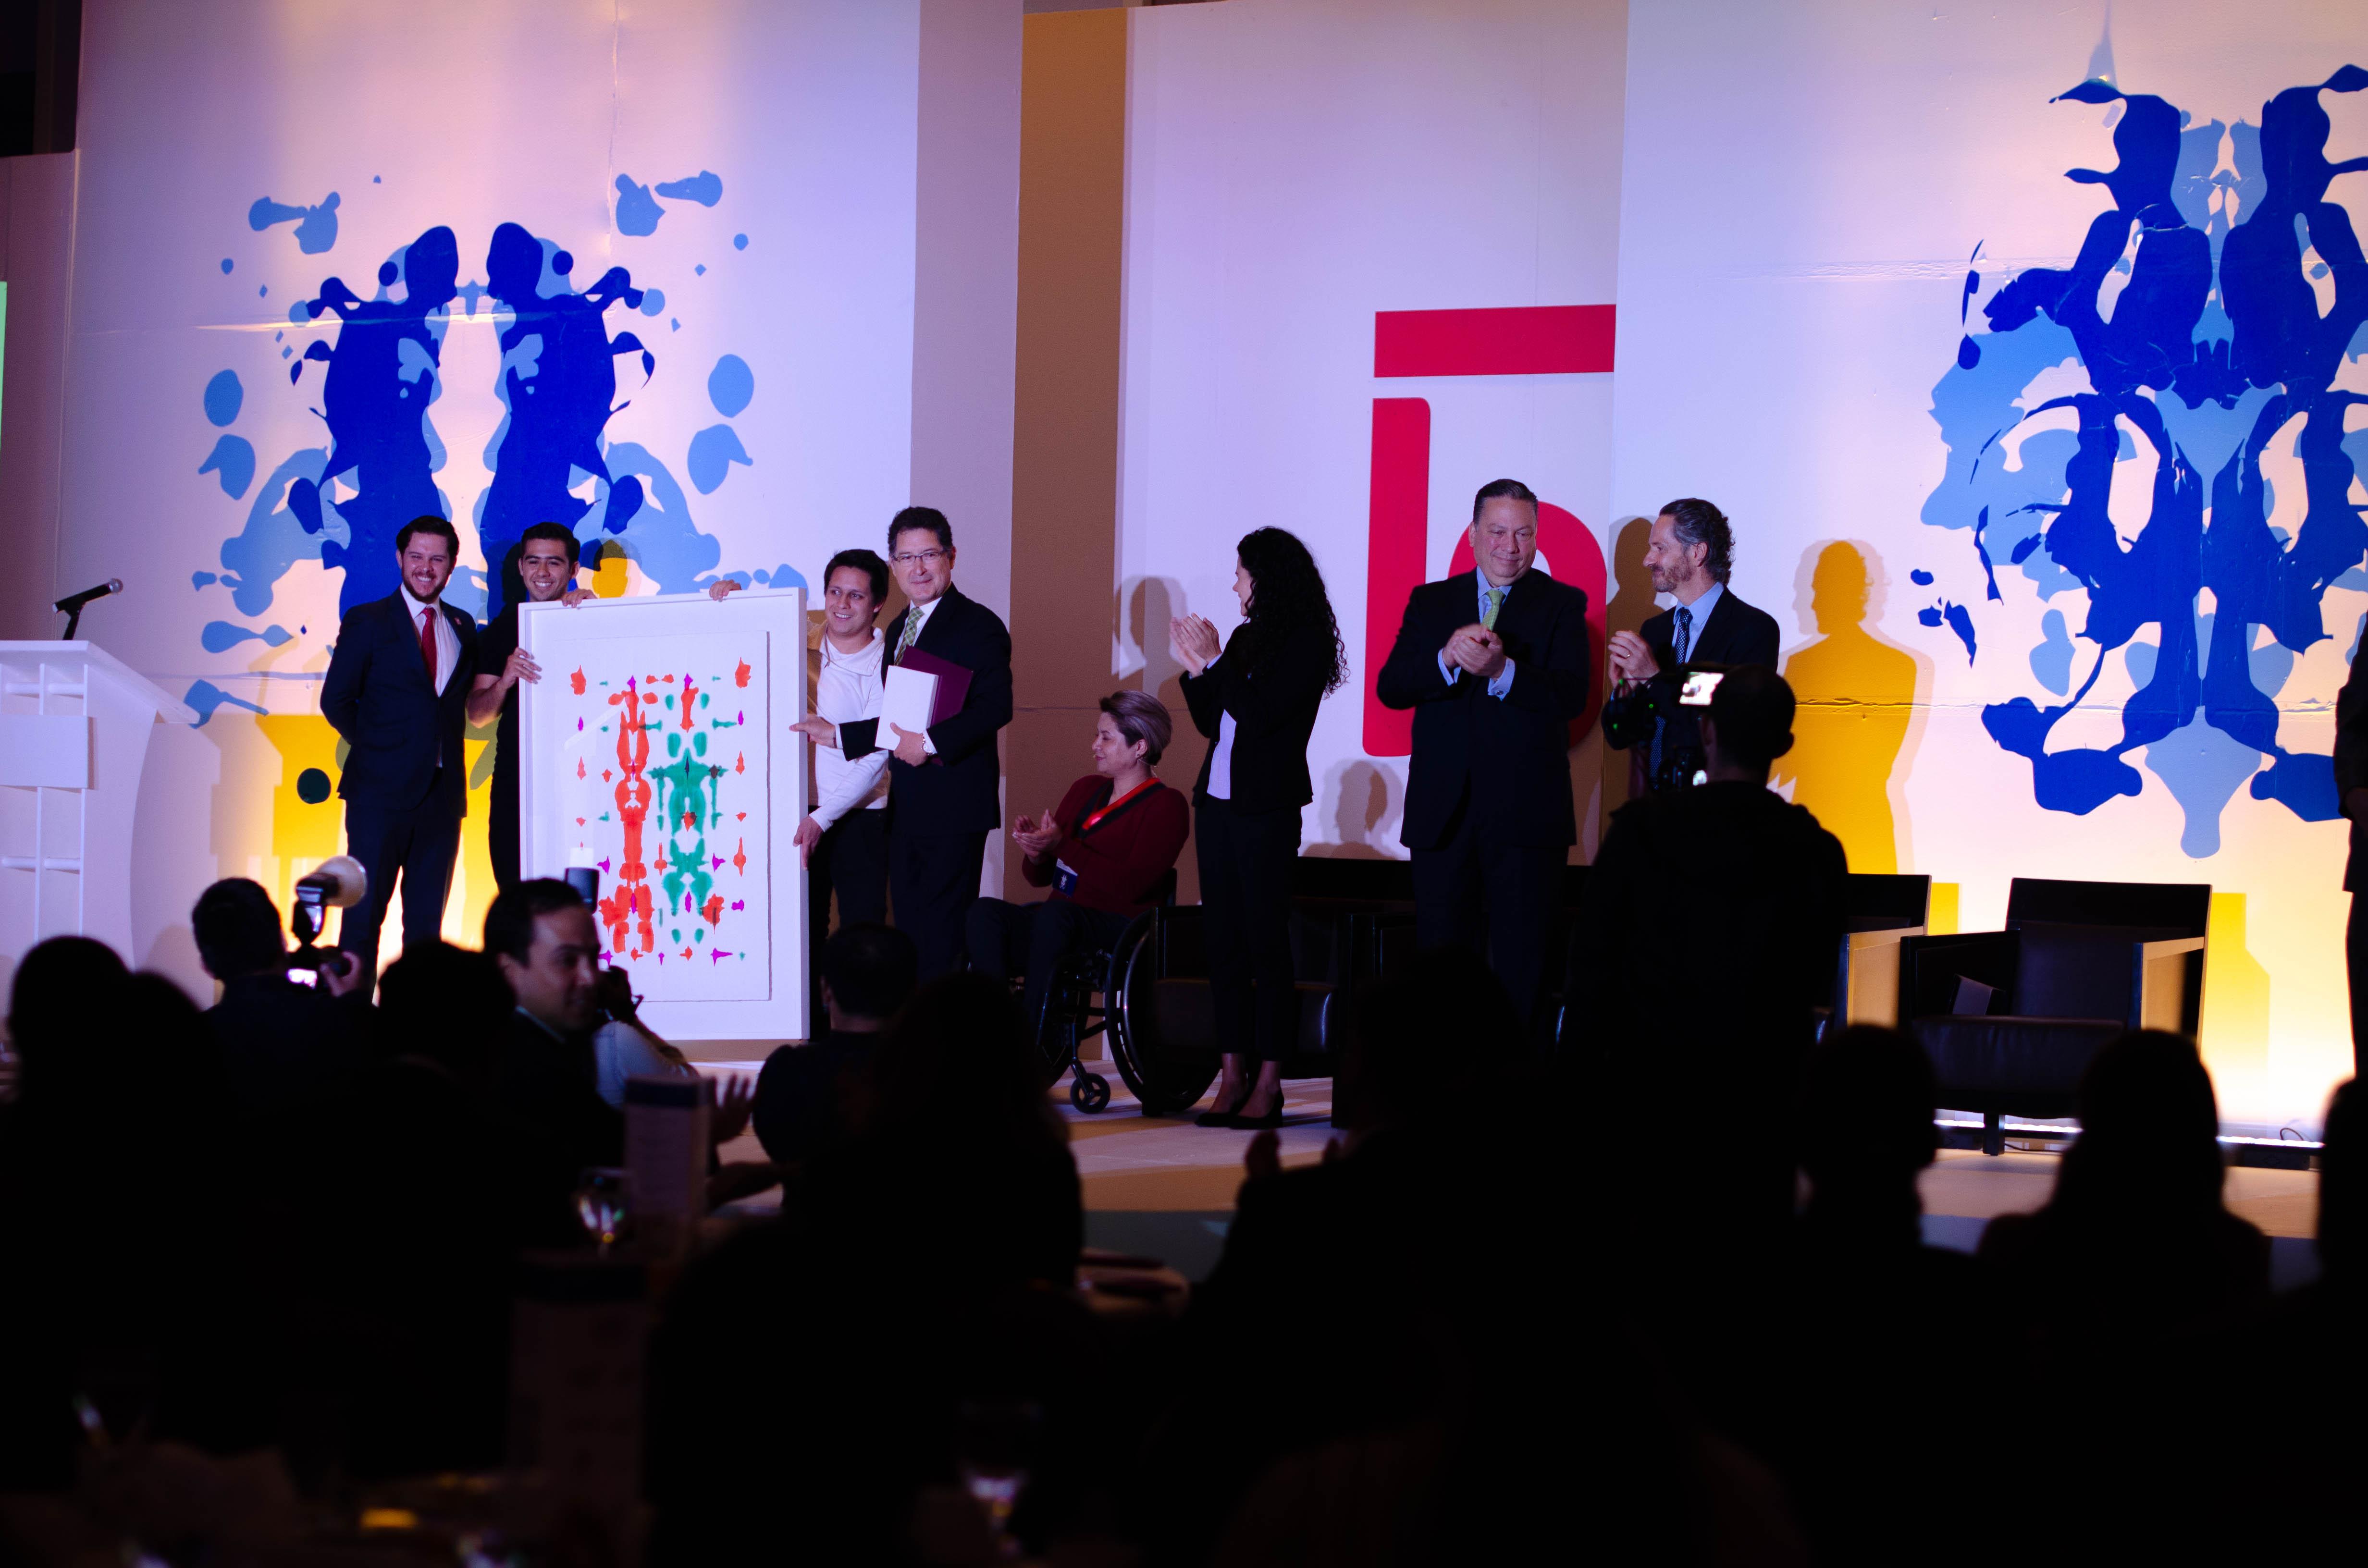 Fernando Estrada, Director de Éntrale, entrega un cuadro a Lala por ser ganador del Premio Éntrale